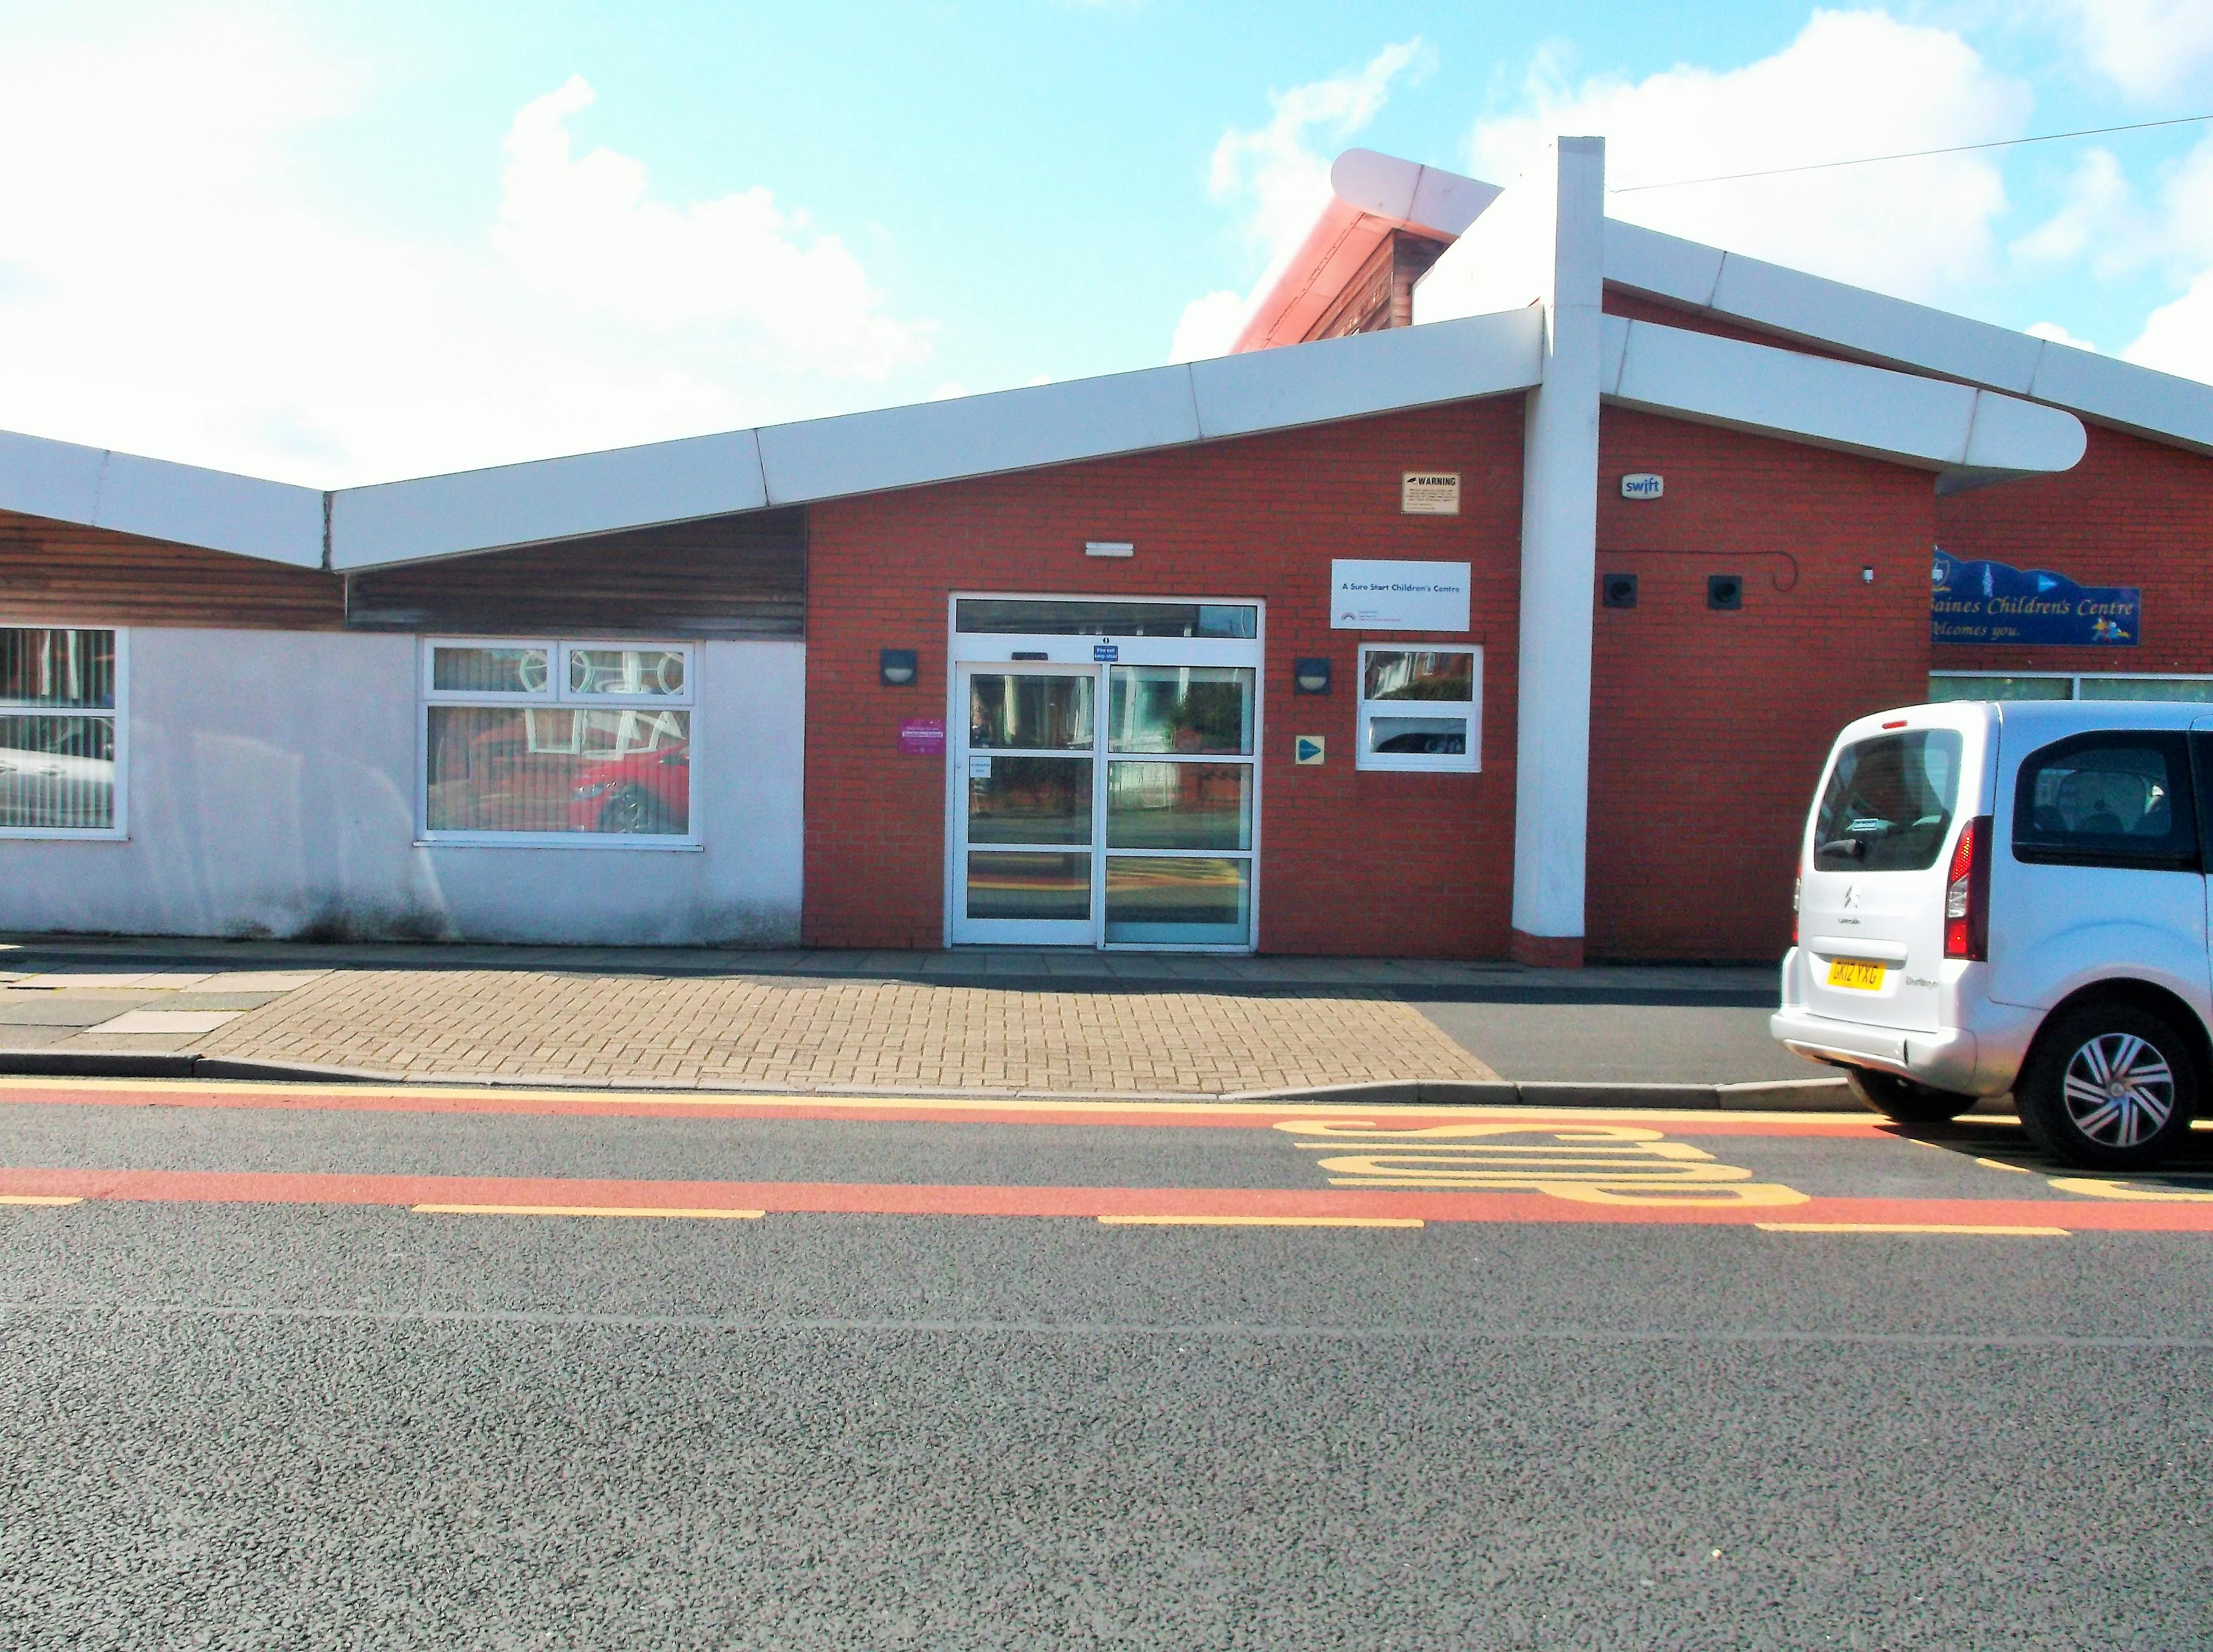 Baines Endowed Children's Centre